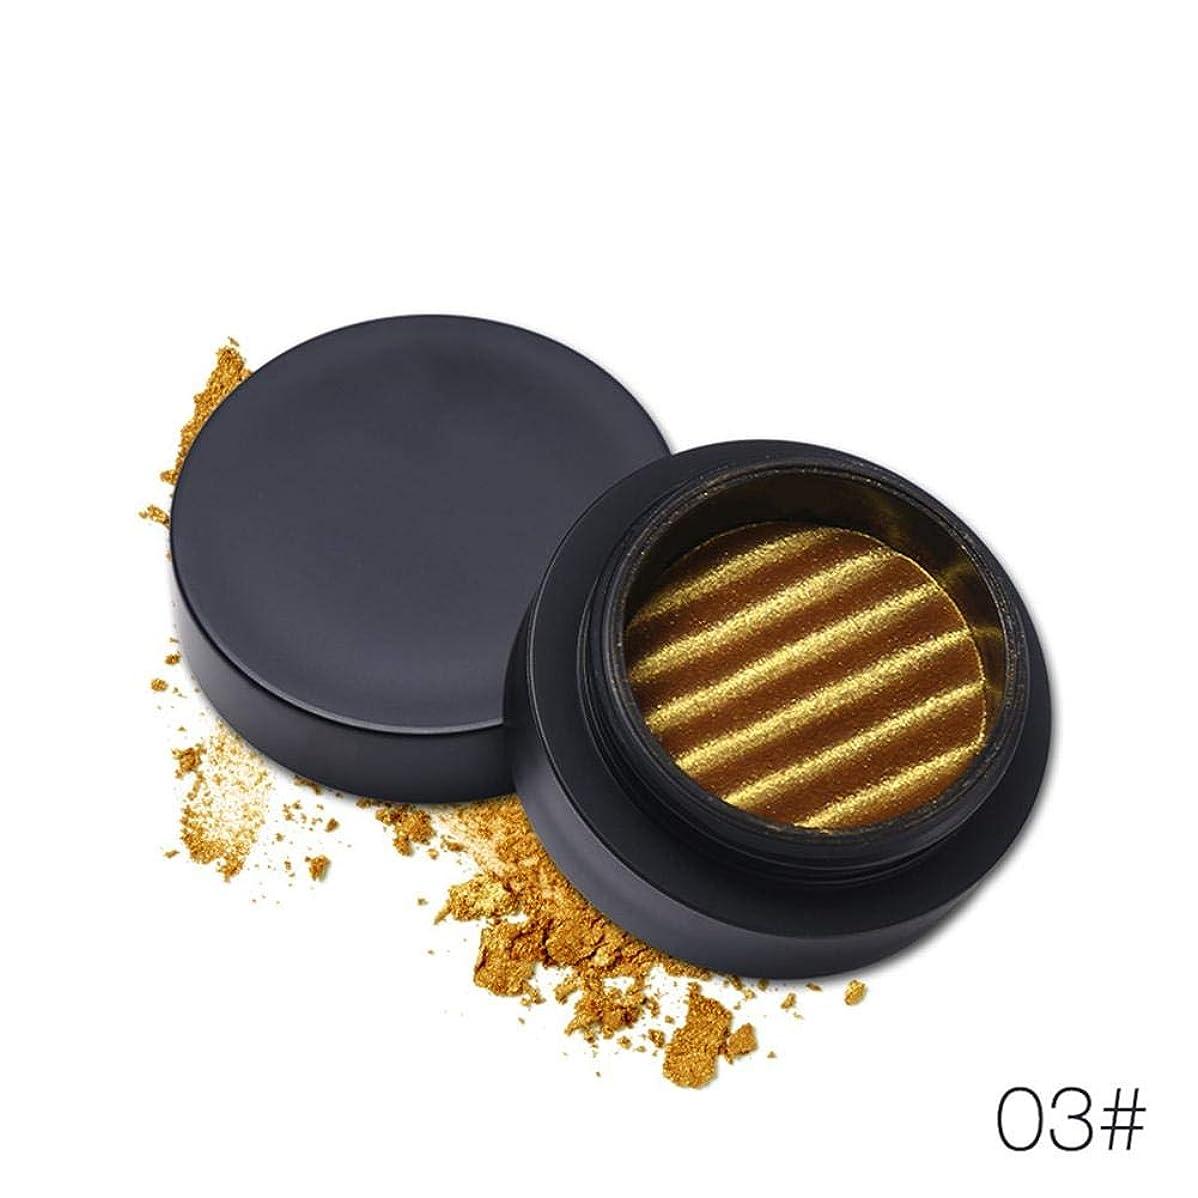 アイシャドウ、モノクロ3Dアイシャドウパレット モノクロのきらめくアイシャドウクリーム メイクアップメタリックシャイニーアイアイシャドウ防水グリッターアイシャドウ